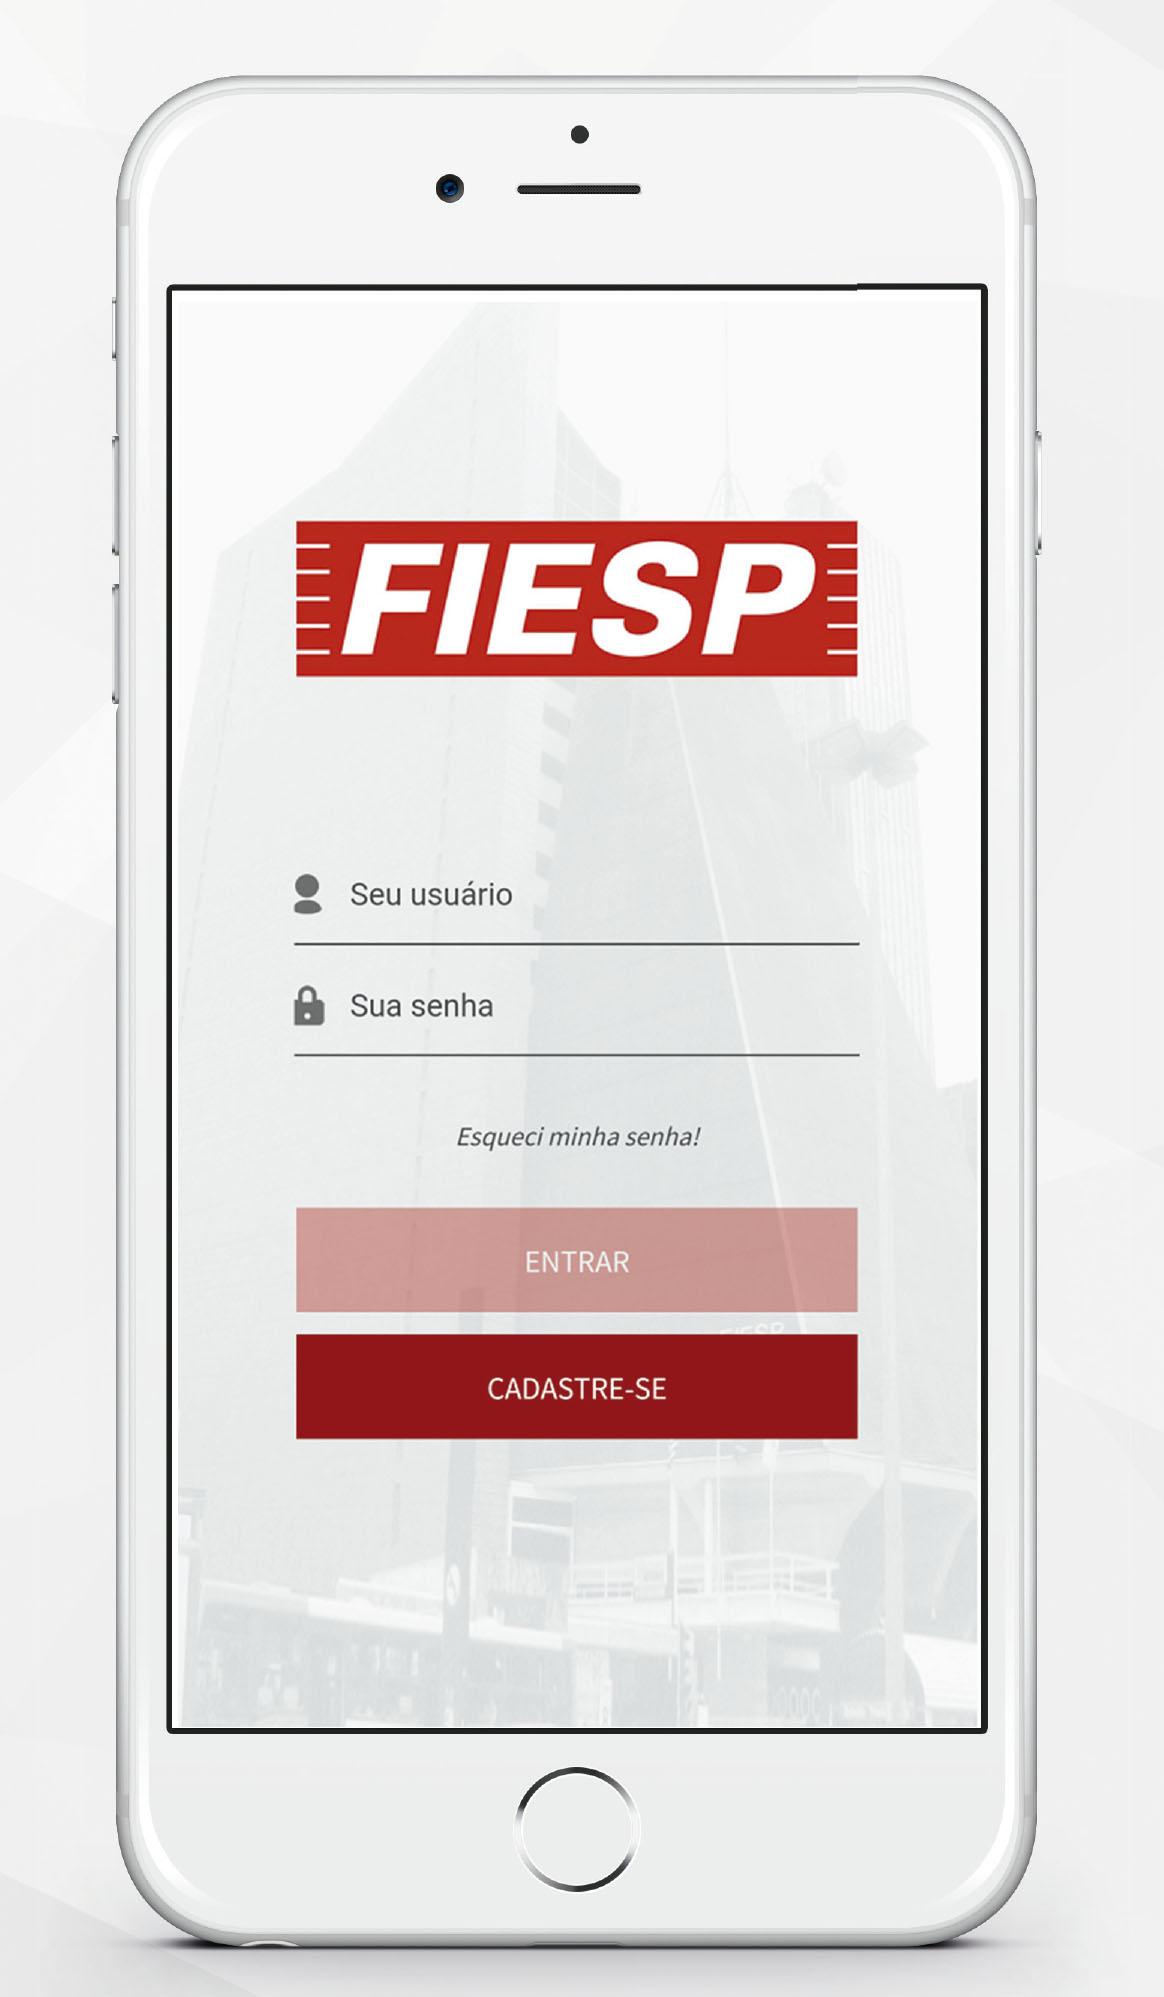 folder-depar-sistema-licitacoes.indd